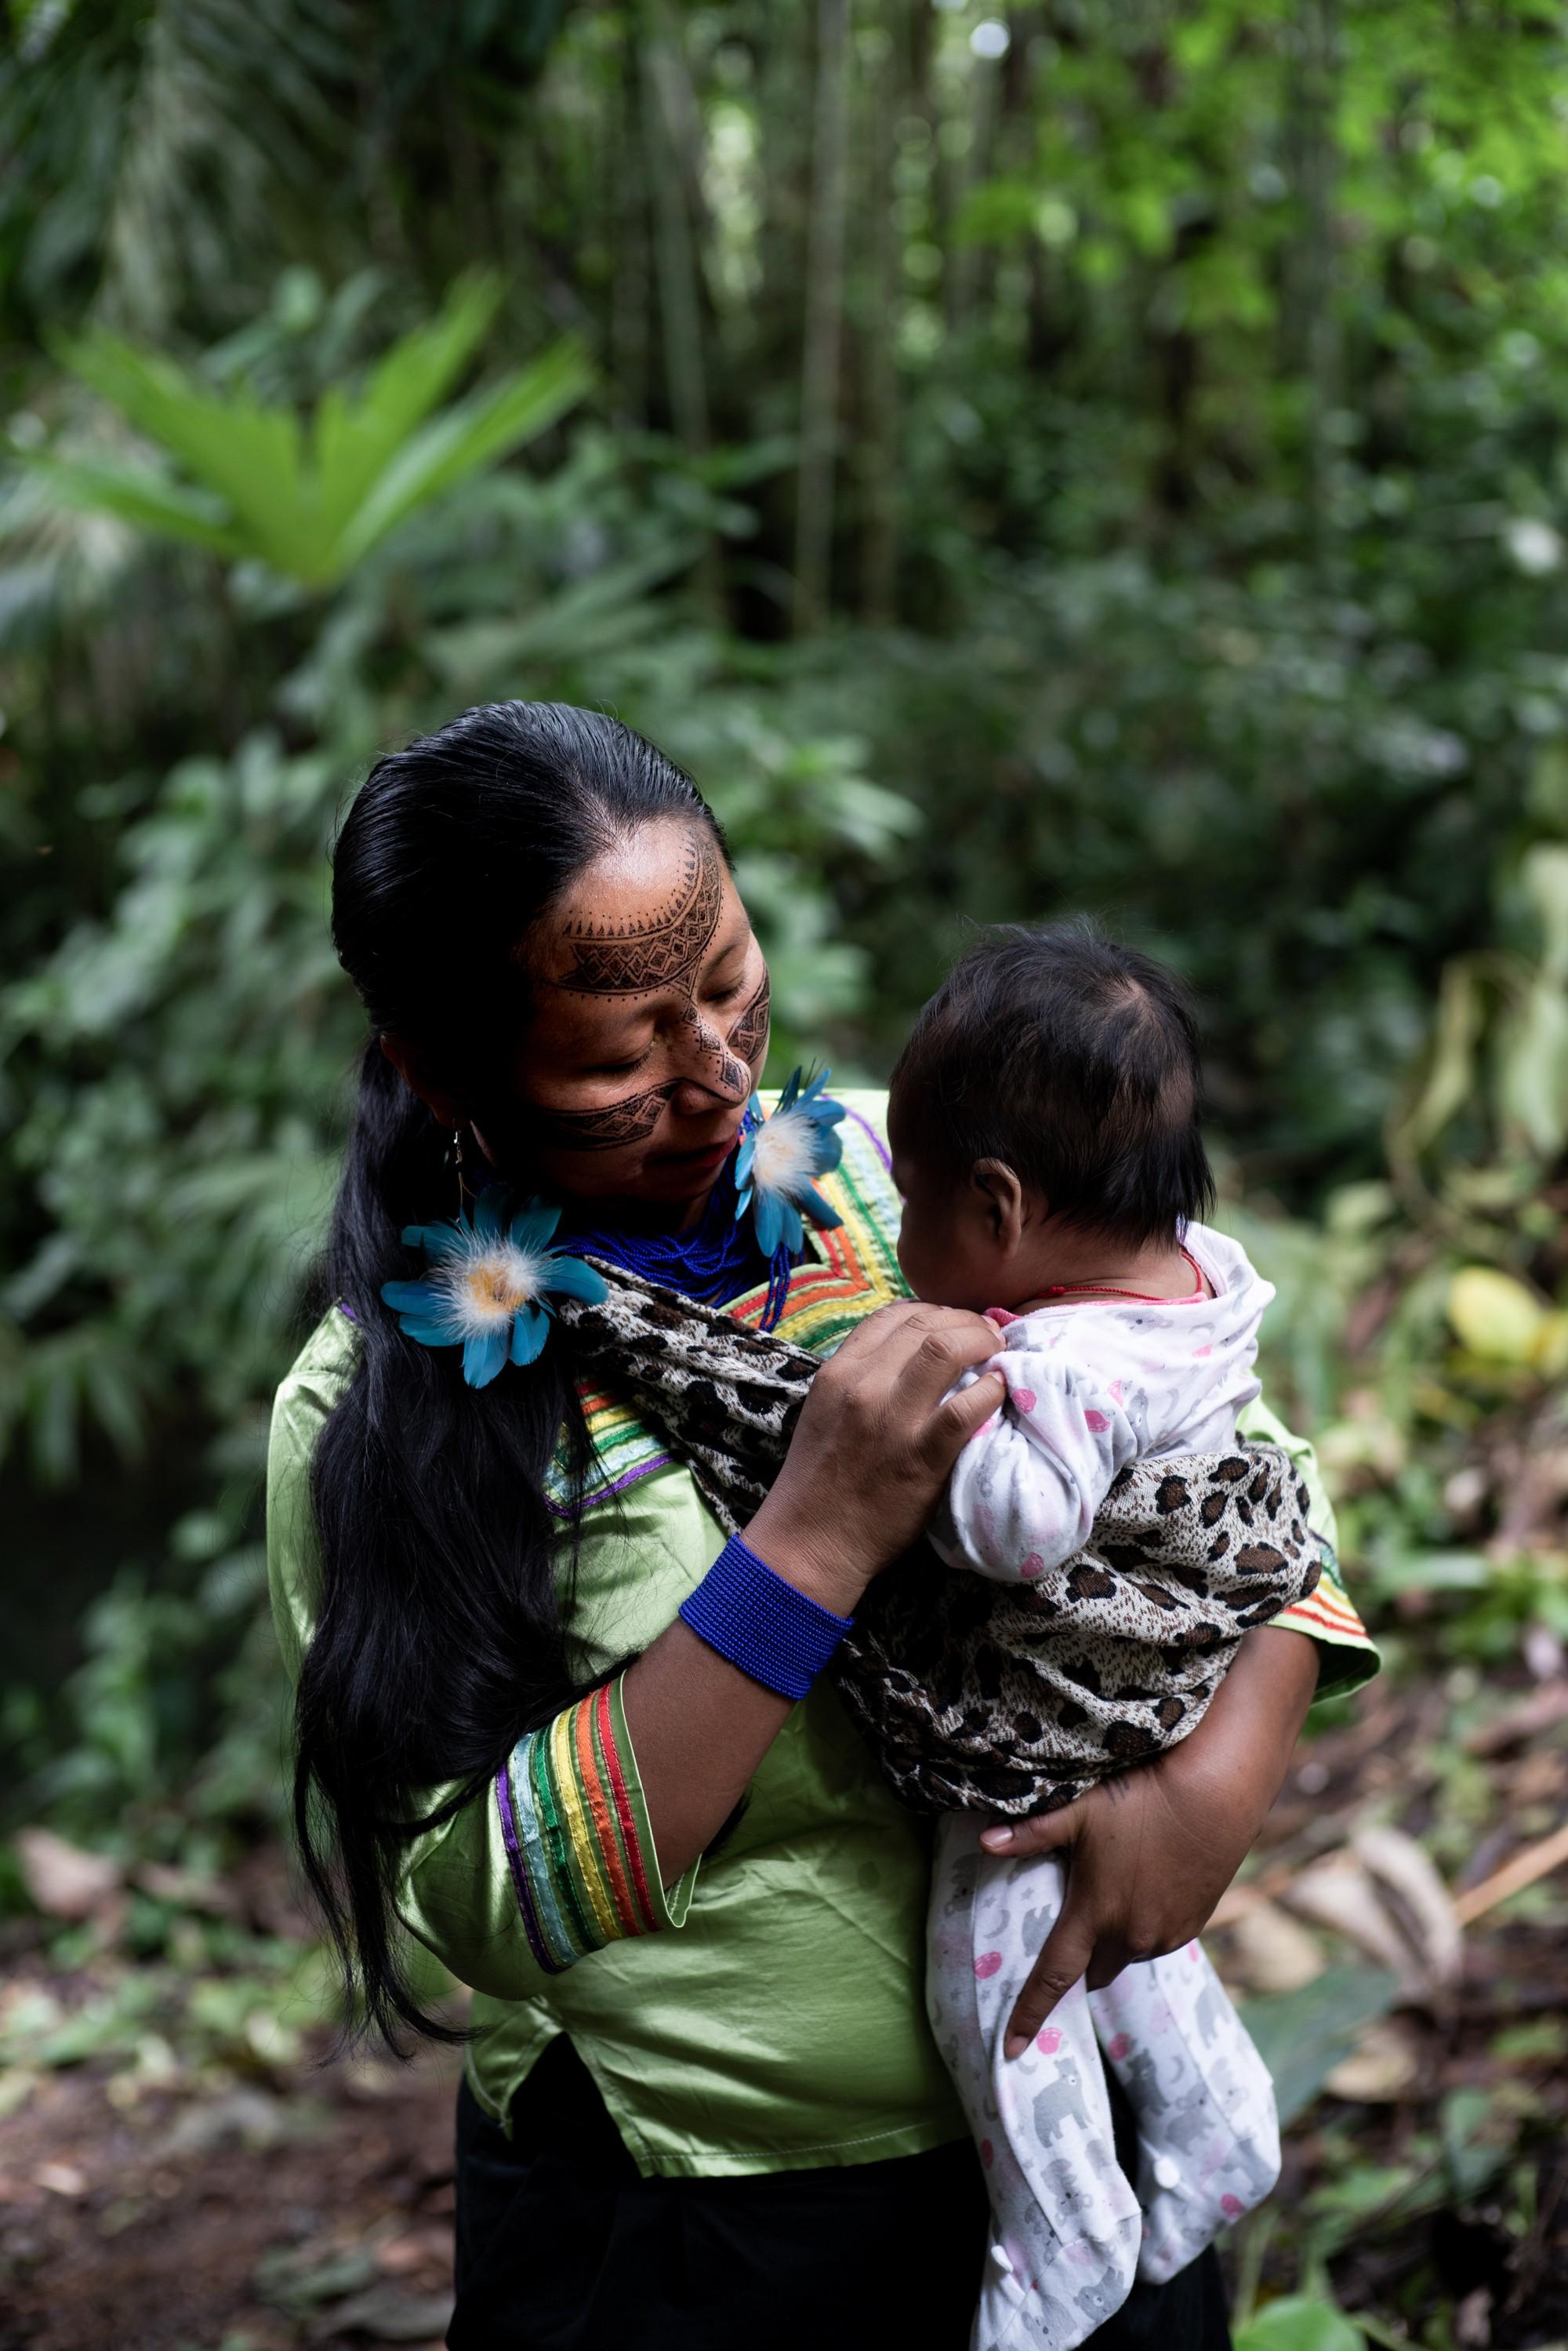 Lineth Calapucha, 36, de Shiwakucha, vice-presidente da nação Kichwa de Pastaza, Equador e membro da Mujeres Amazonicas com seu bebê de quatro meses (Foto: Alice Aedy)